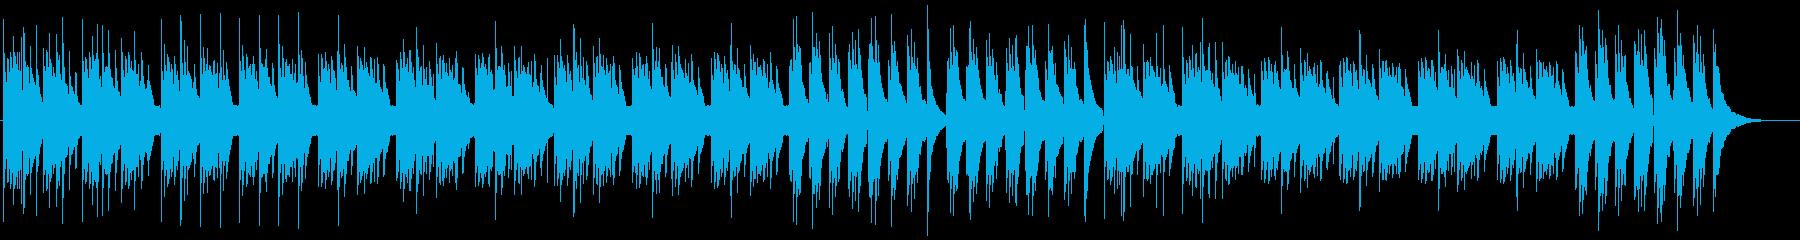 森の癒しアコースティックギターの再生済みの波形